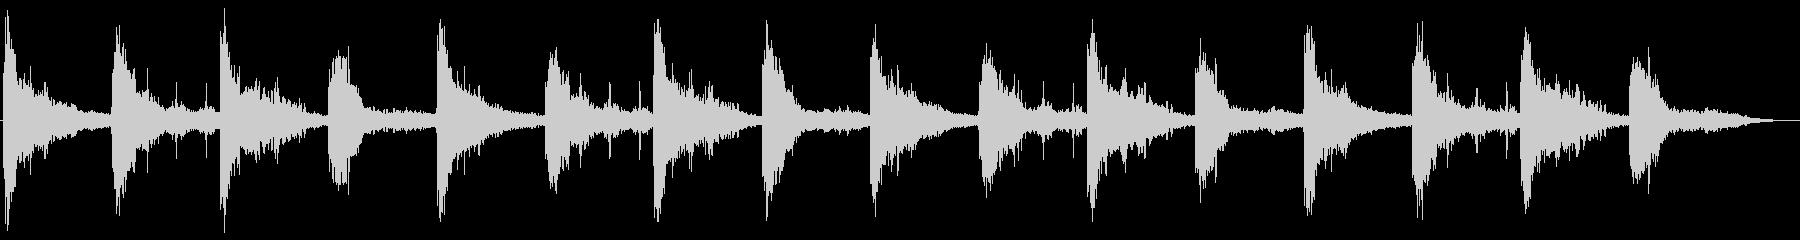 ホラー環境音(胎動、コウモリ、風、水)の未再生の波形